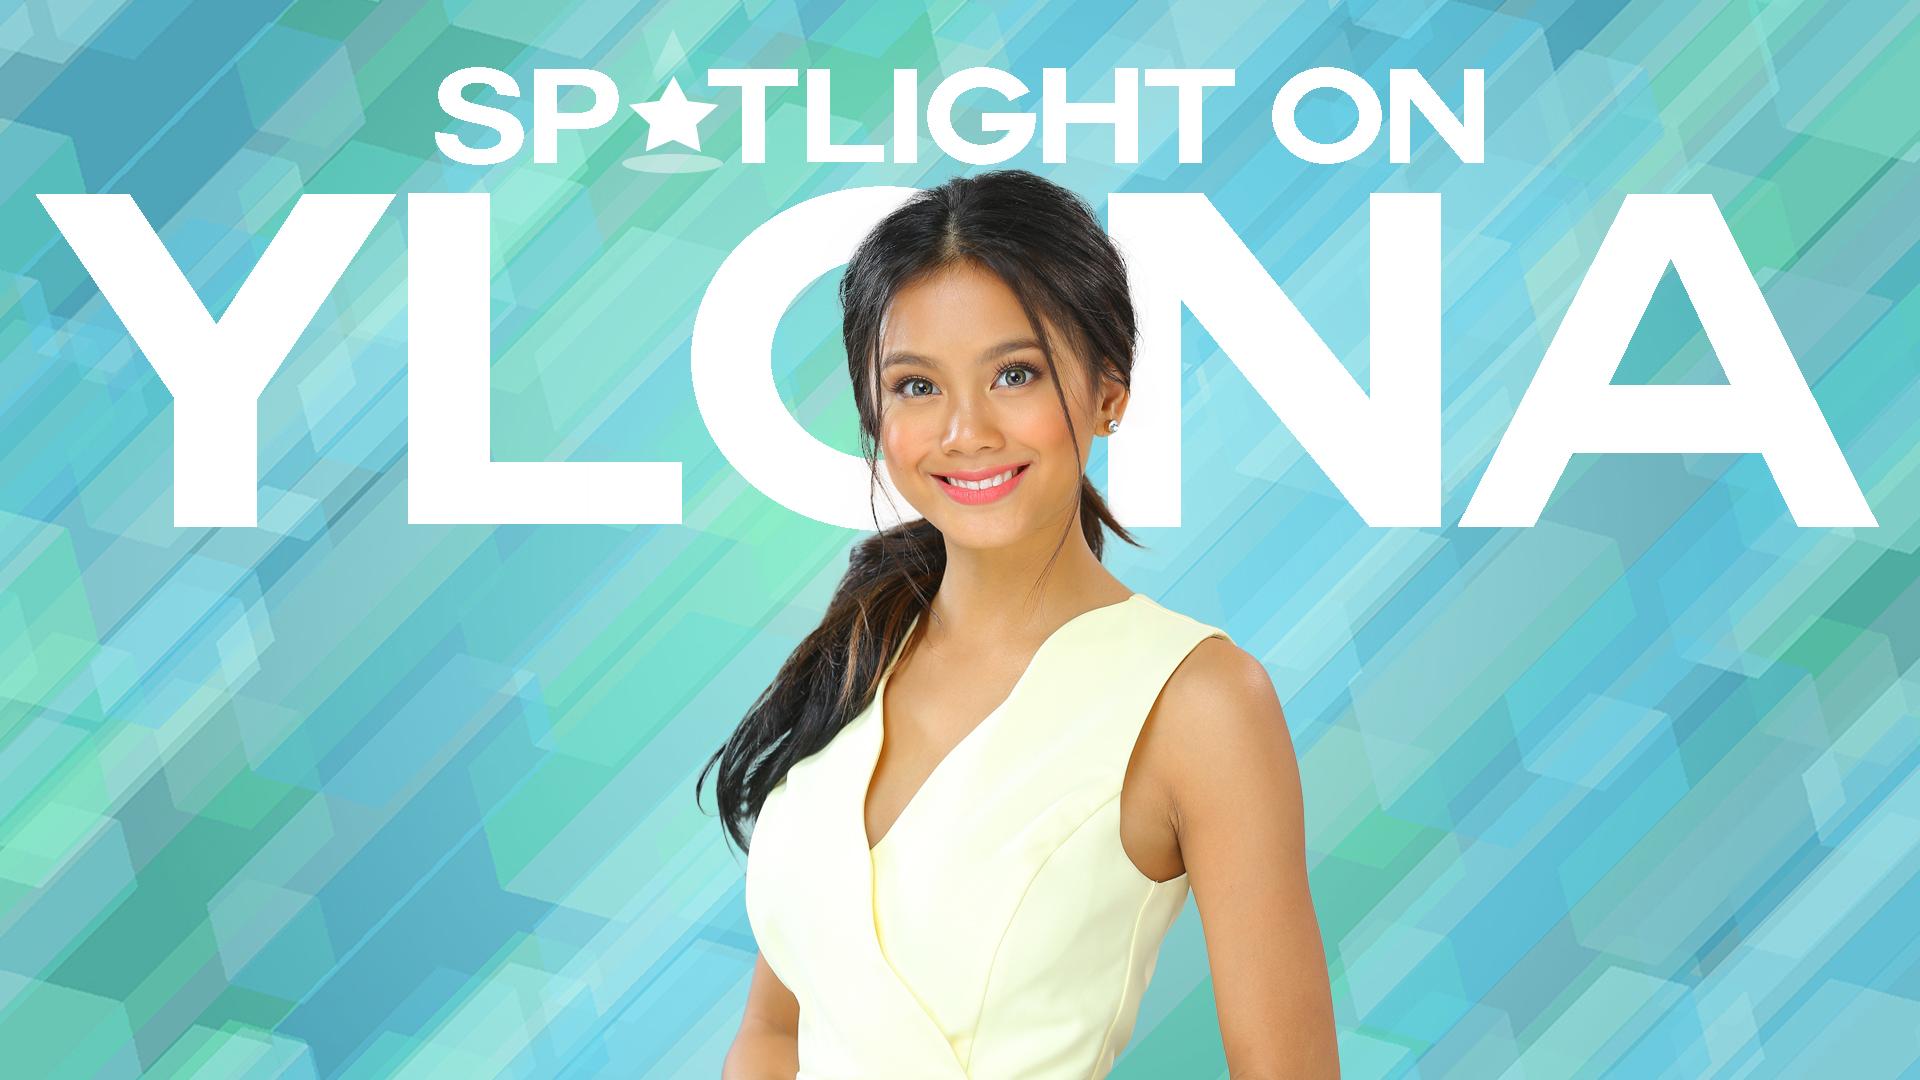 Spotlight on Ylona Post 10